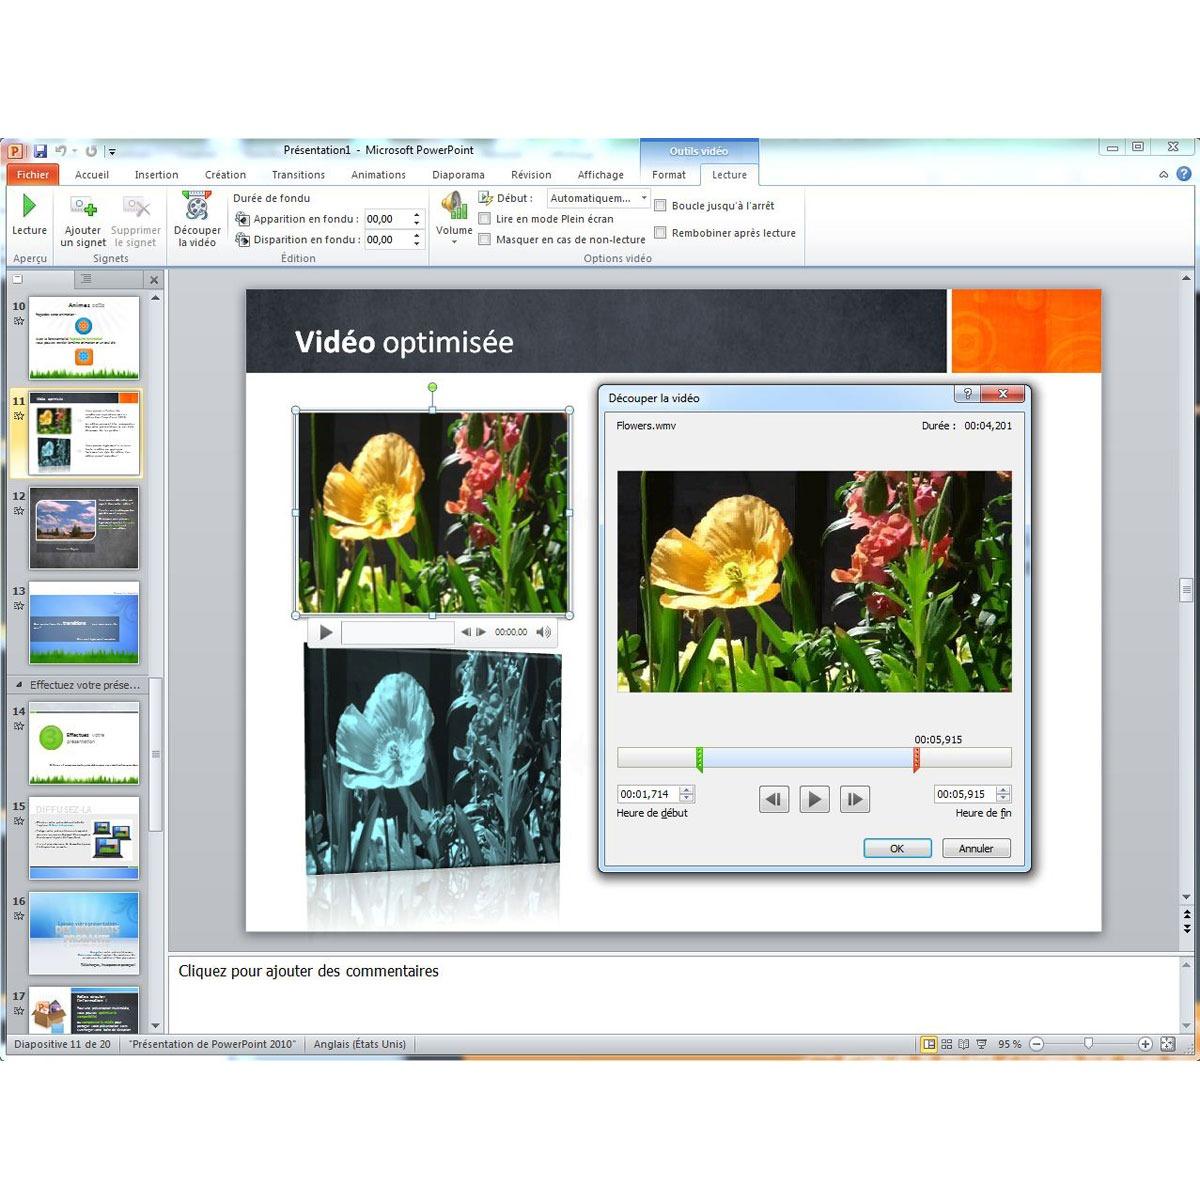 Microsoft office professionnel 2010 2 pc 1 utilisateur dvd logiciel bureautique - Office professionnel 2010 ...